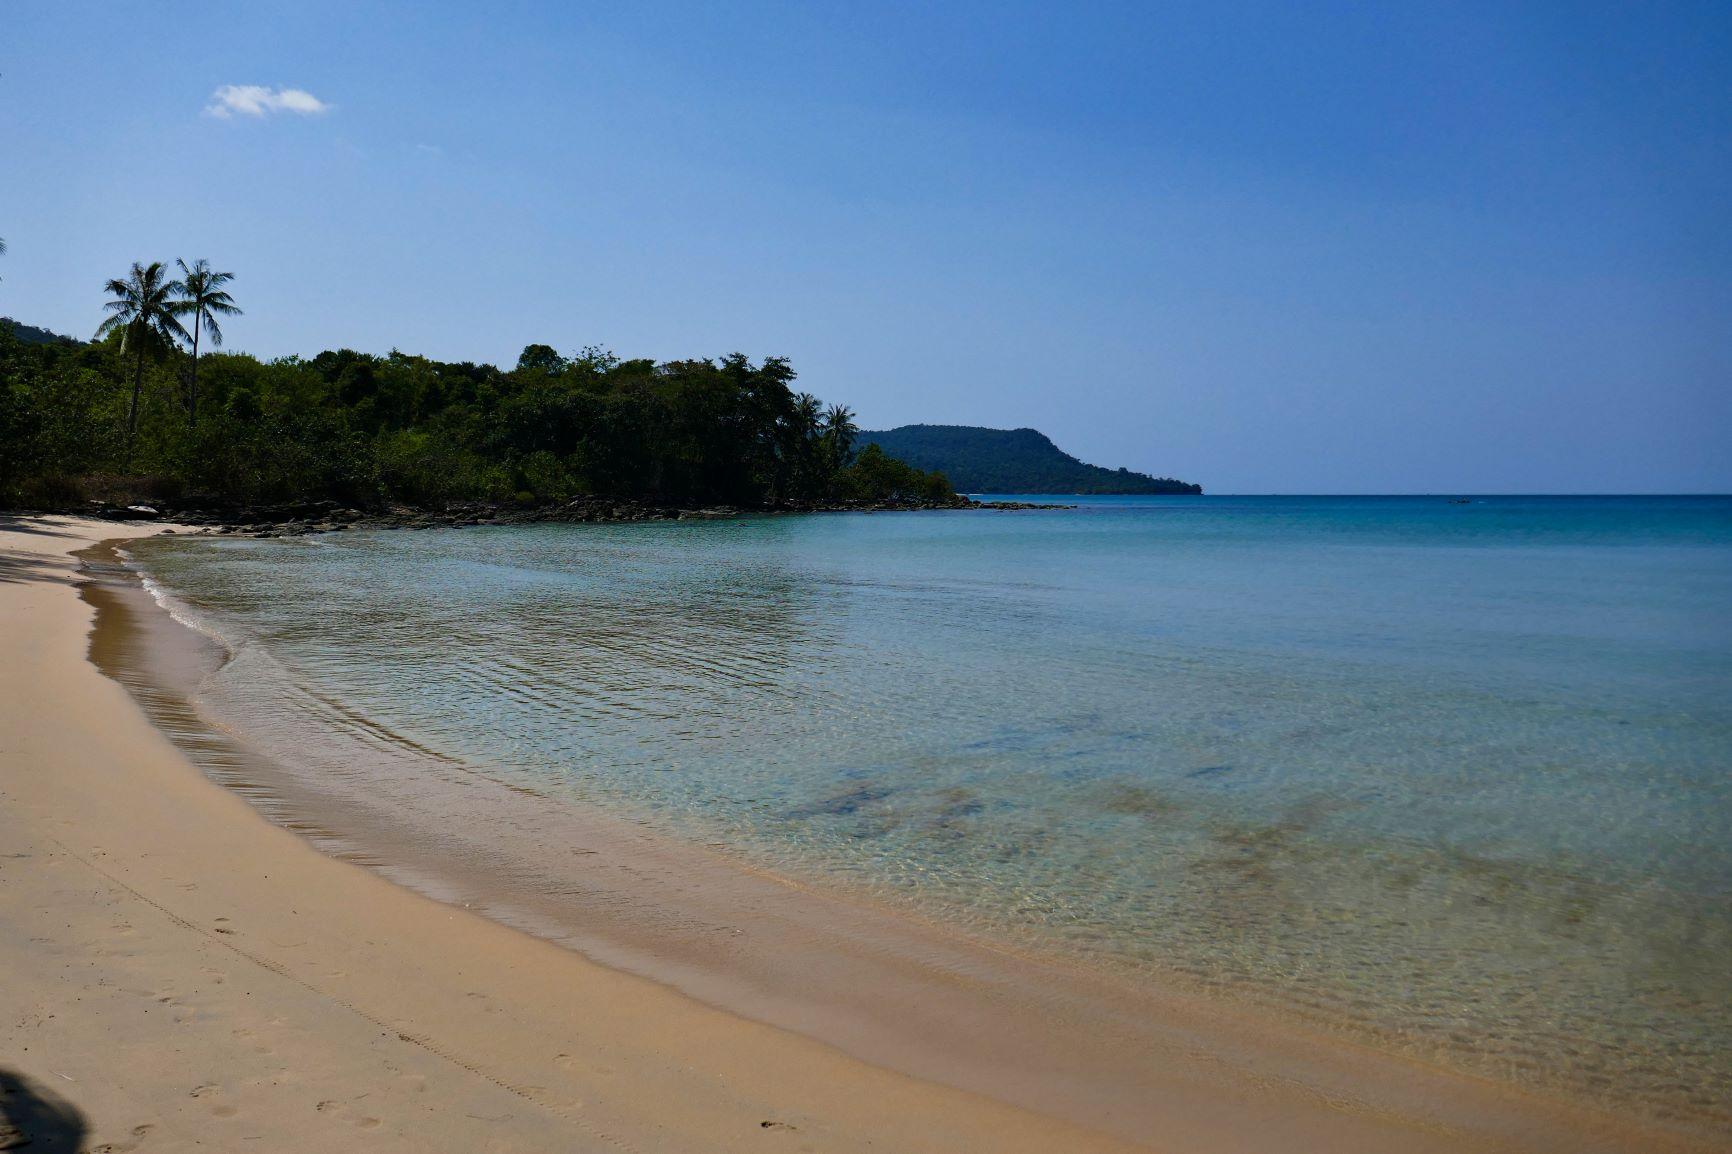 Koh Rong strand